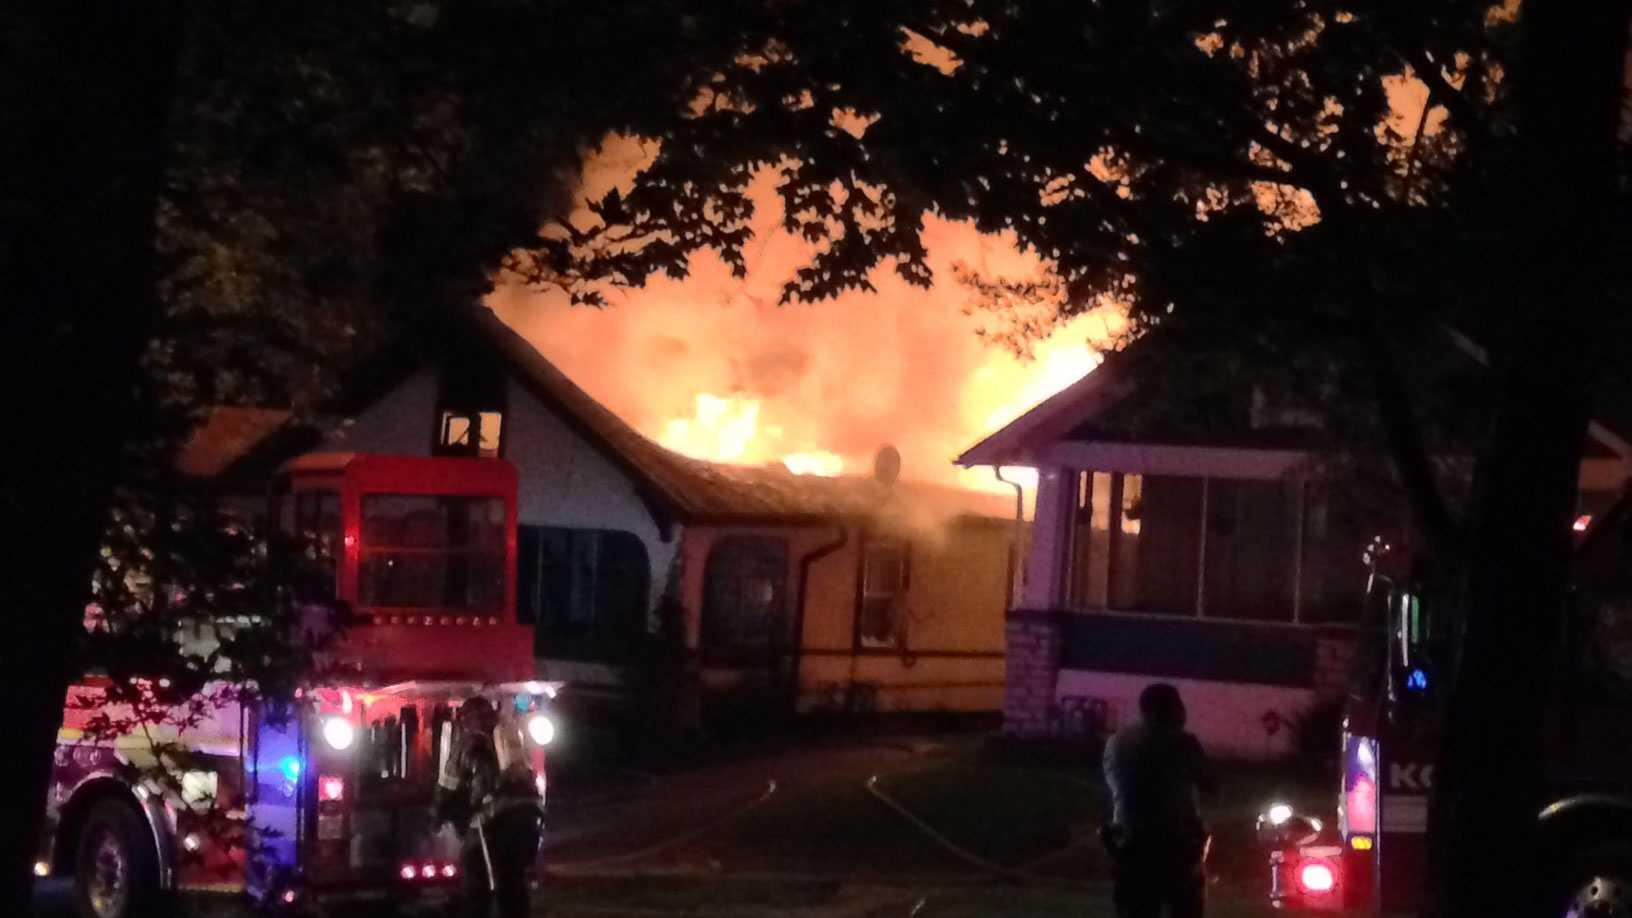 69th, Benton house fire